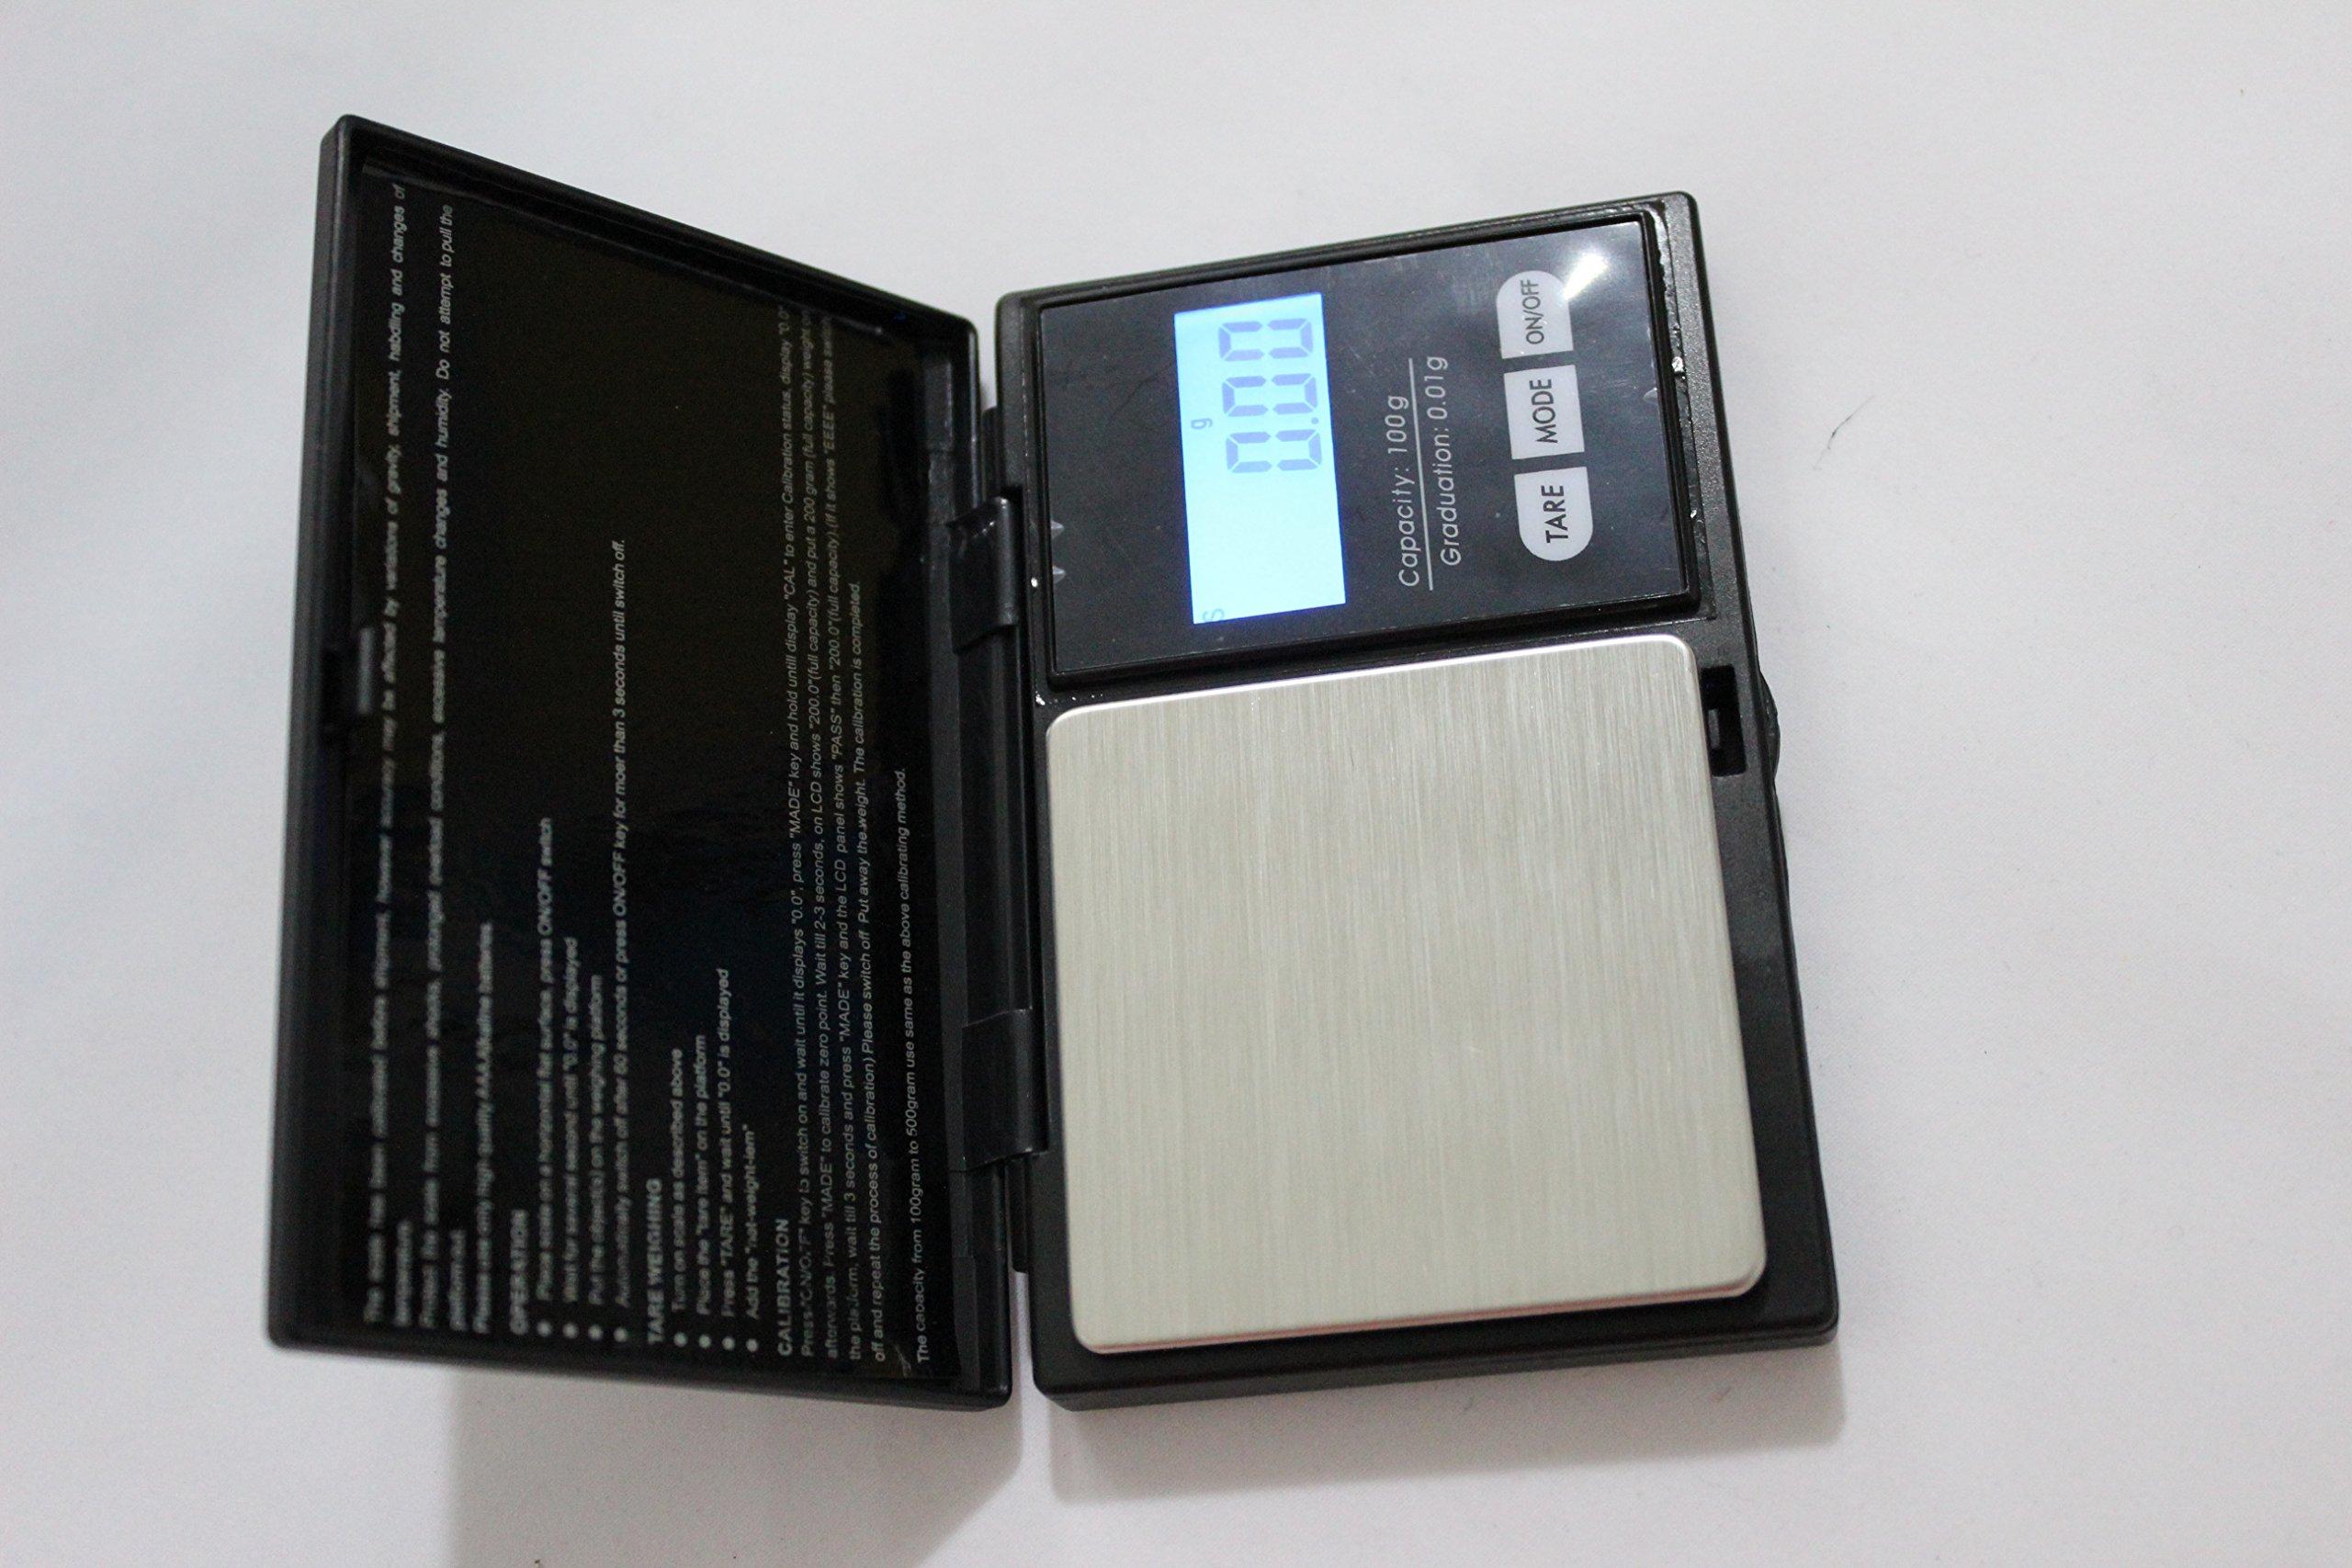 DX(HK) digital Pocket Scale 100 x 0.01g - Black